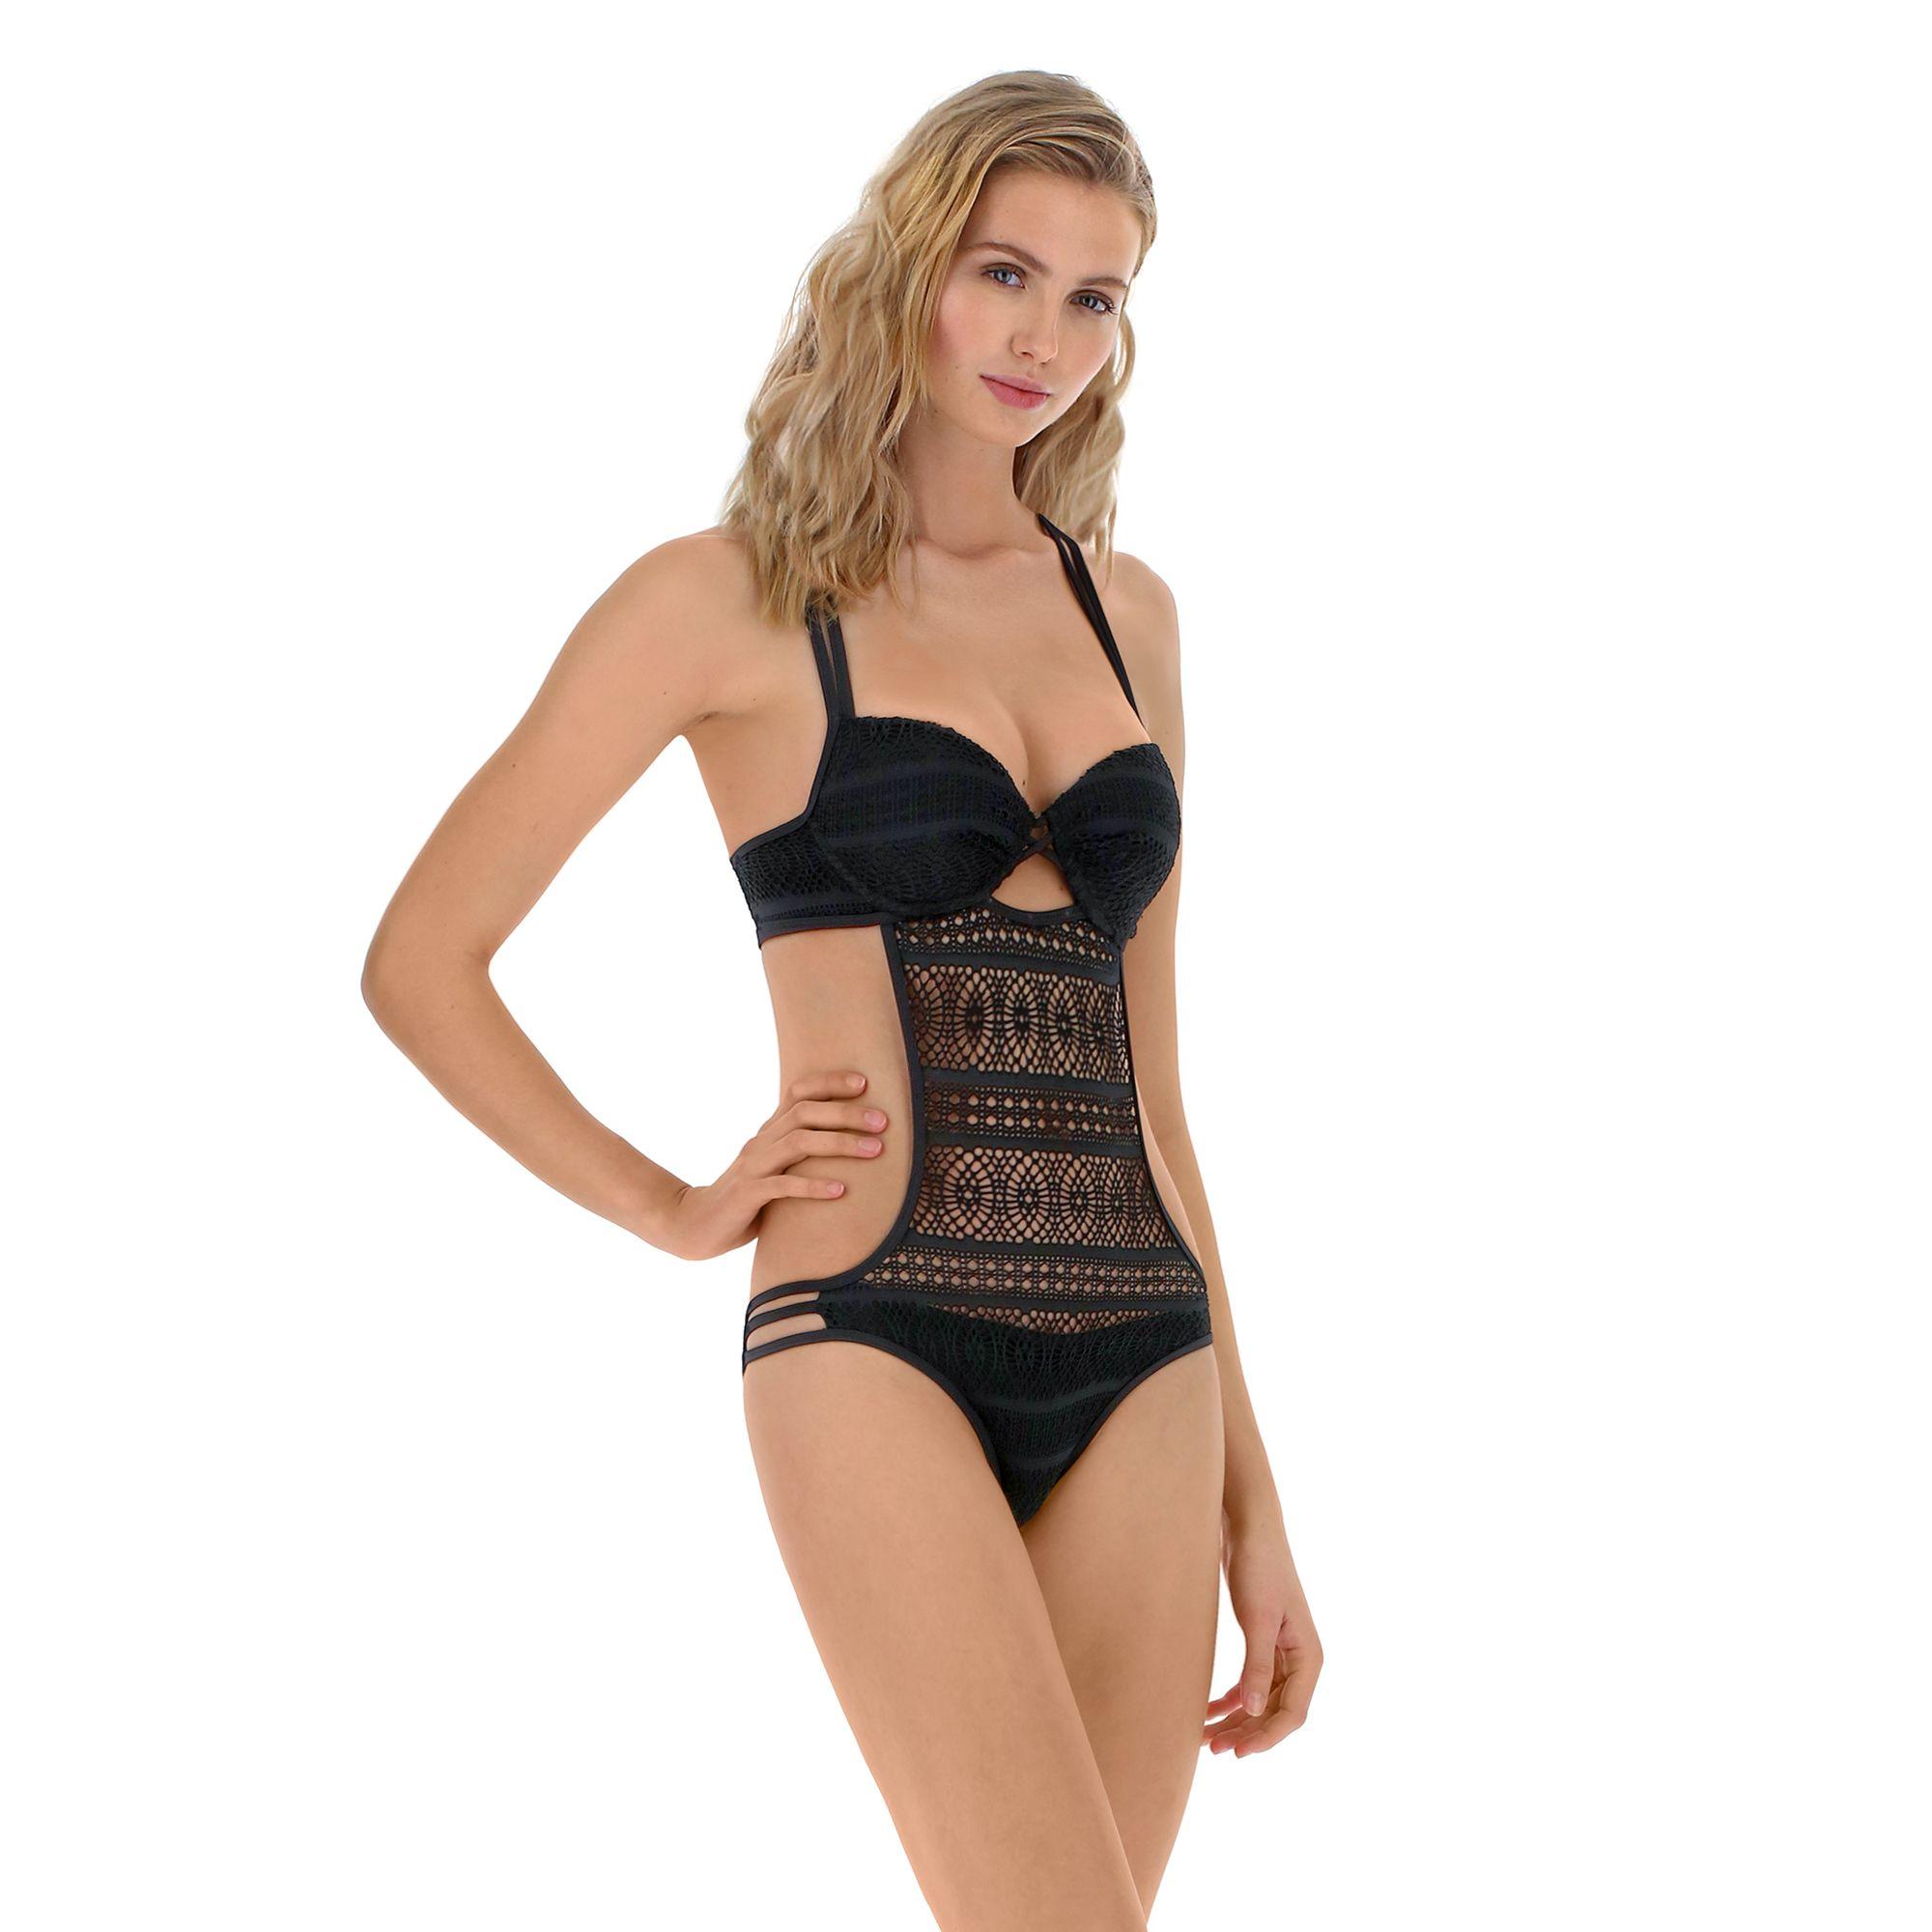 Trikini nero Goldenpoint al prezzo di 44,99 euro